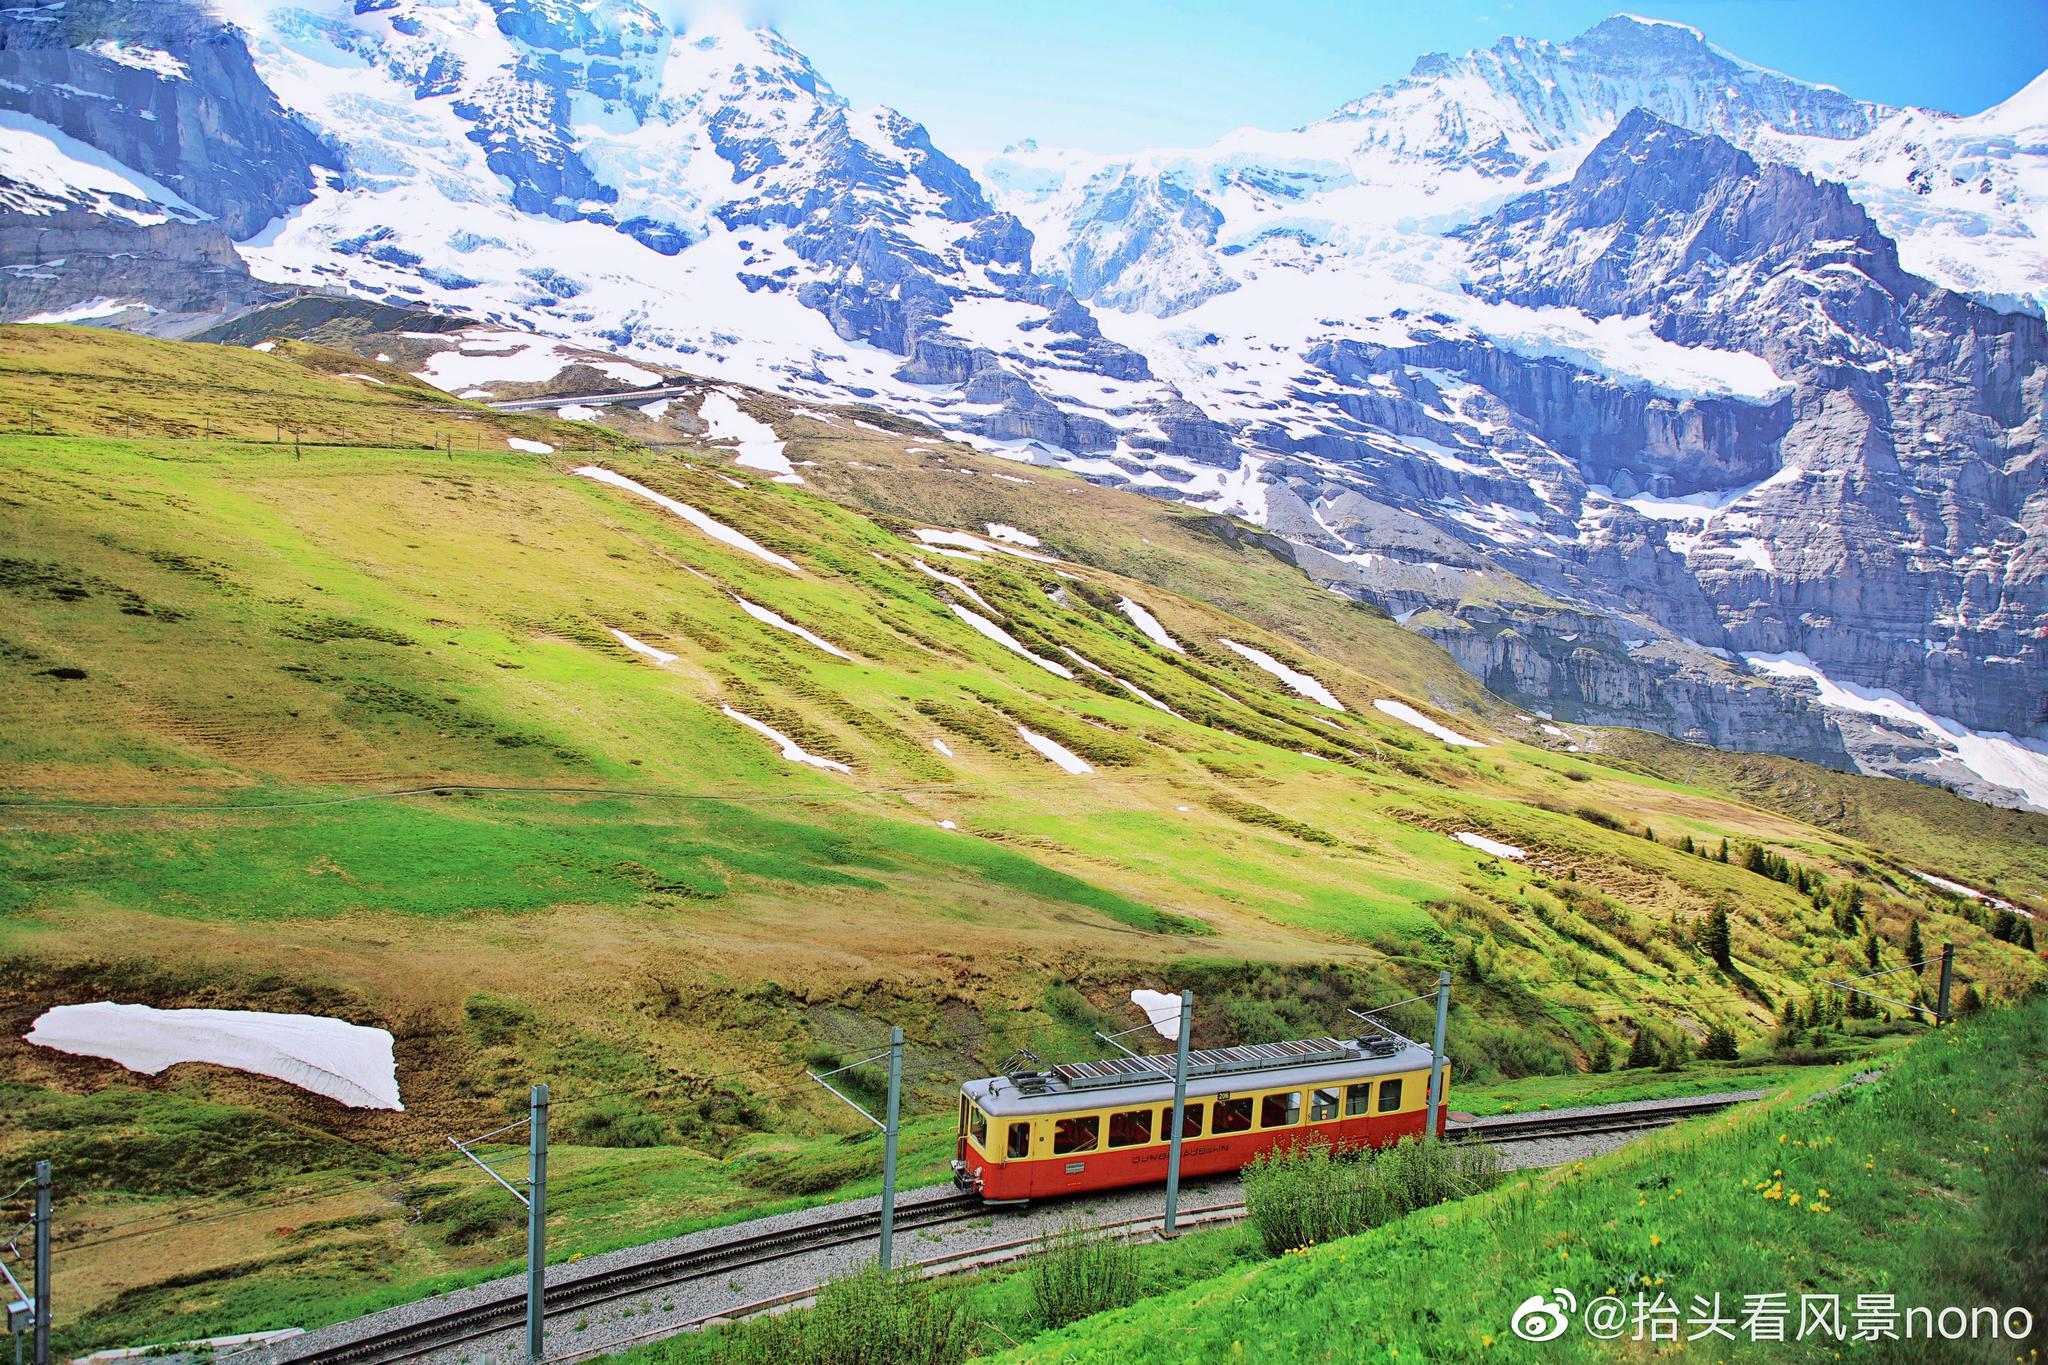 都說最美的風景在路上,瑞士真正完美的詮釋了這句話。琉森--鐵力士山,琉森--因特拉肯,因特拉肯--少女峰,乘坐瑞士火車,無論那一條線路,車窗外美妙的風景,絕對讓你無暇分神。甚至都不忍小憩一下,生怕錯過了更美的風景。琉森--因特拉肯,是瑞士著名的金色山口快車的一部分,一路穿行在湖光山色中,或悠閑或清新,或雄偉或壯麗,田園詩一般的美景。因特拉肯--少女峰,三段火車各有特色,白的雪山,青的草地,藍綠的湖水,山間不時的飛瀑,時刻穿行在詩與畫之間。nono小貼士:以上路線,瑞航和瑞旅局推出的Stopover旅游套